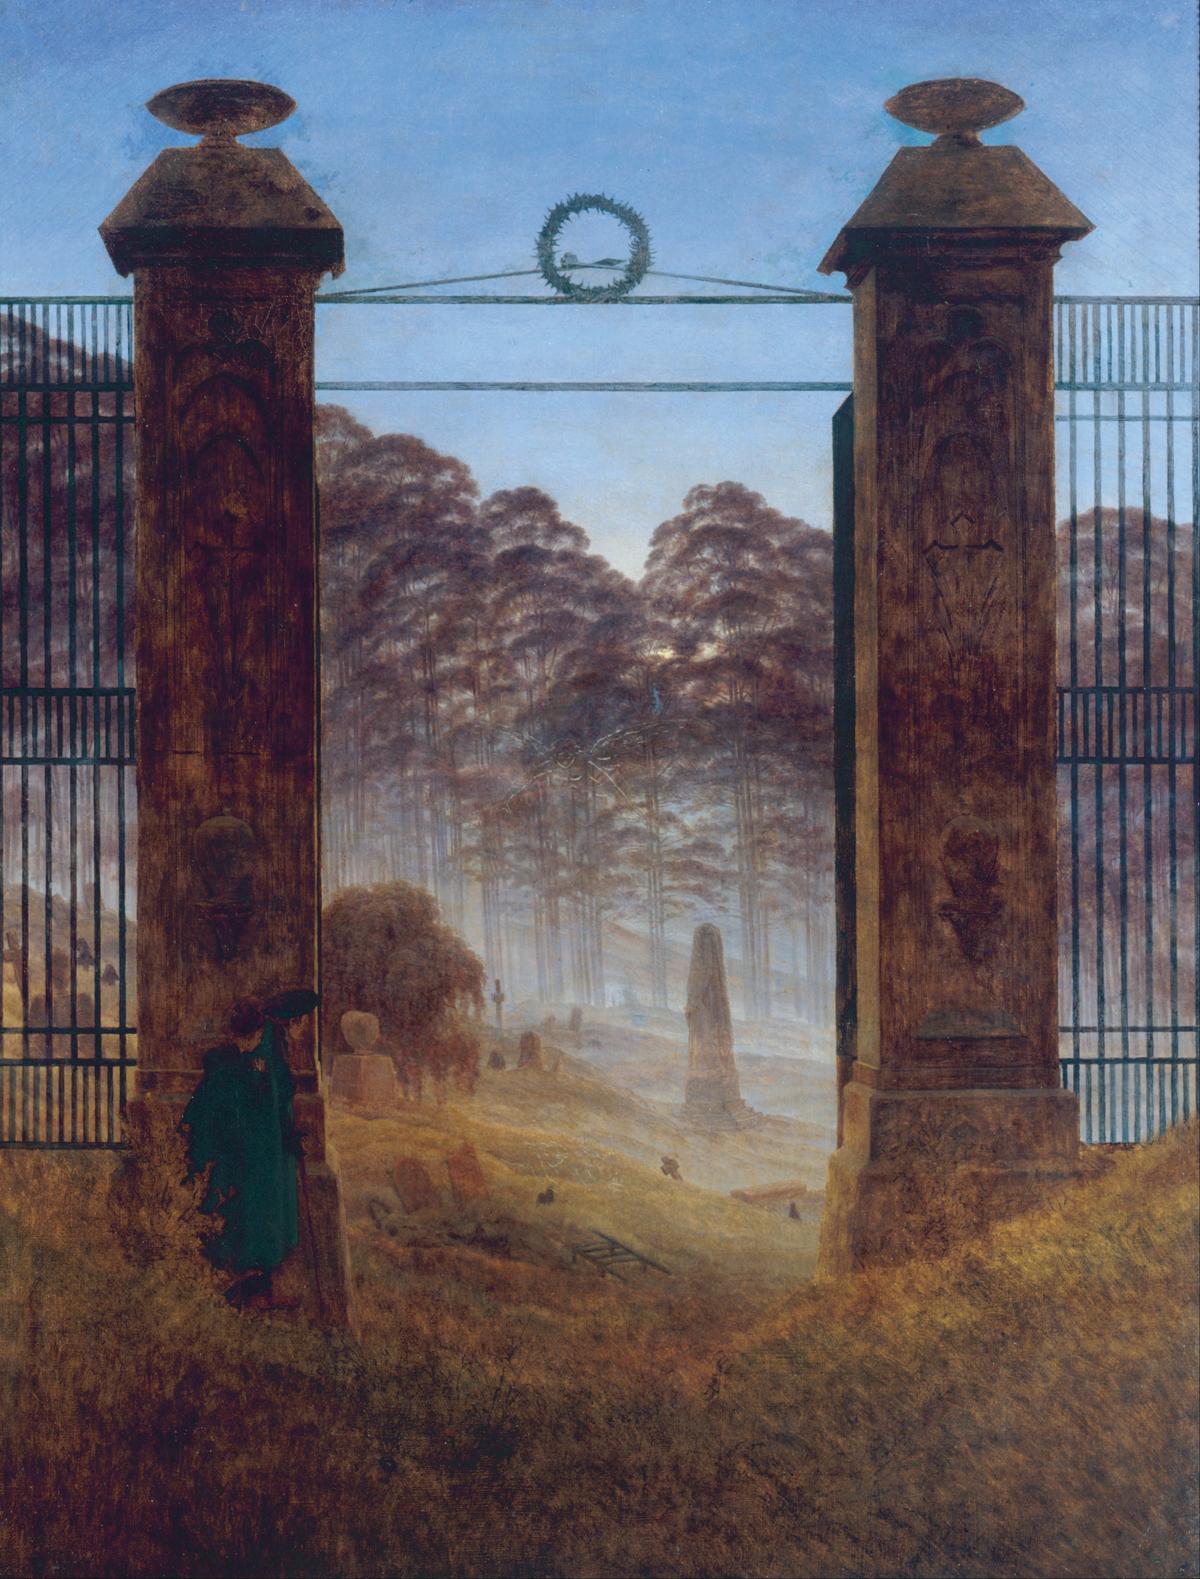 Caspar David Friedrich, Brama cmentarna, 1825, olej na płótnie, Galeria Nowych Mistrzów w Dreźnie, d.p.